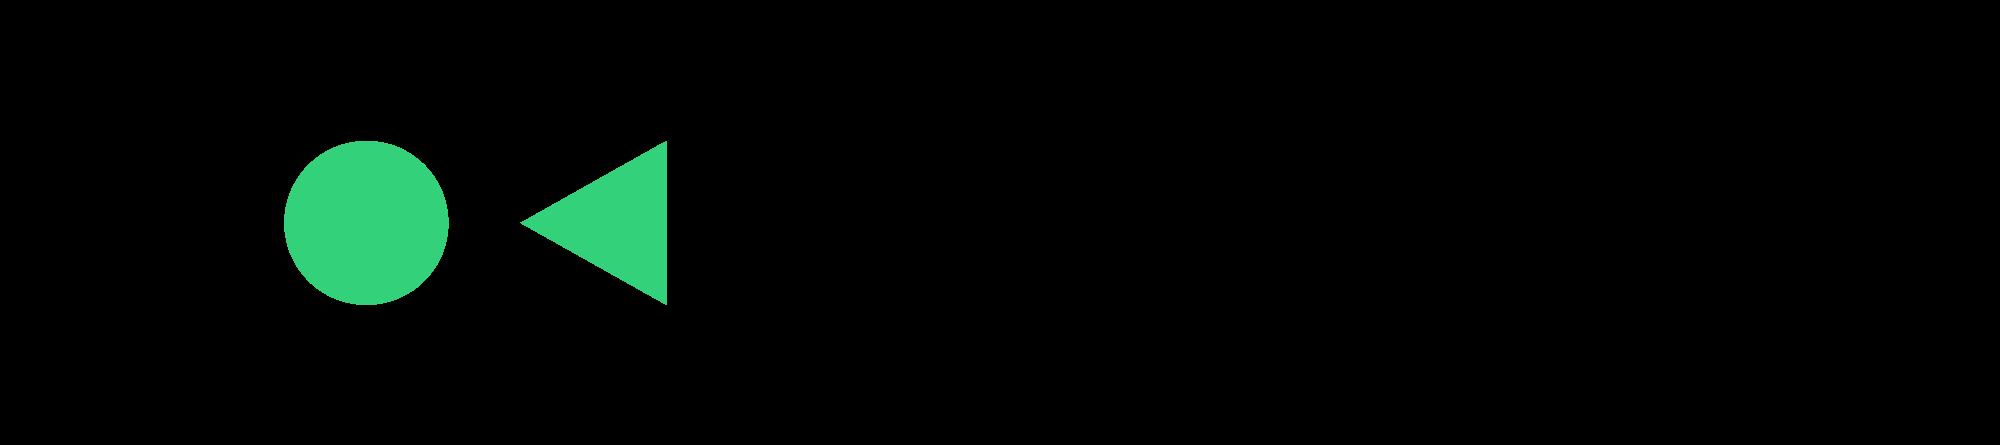 KDE Gear, Plasma, systemd Update in Tumbleweed